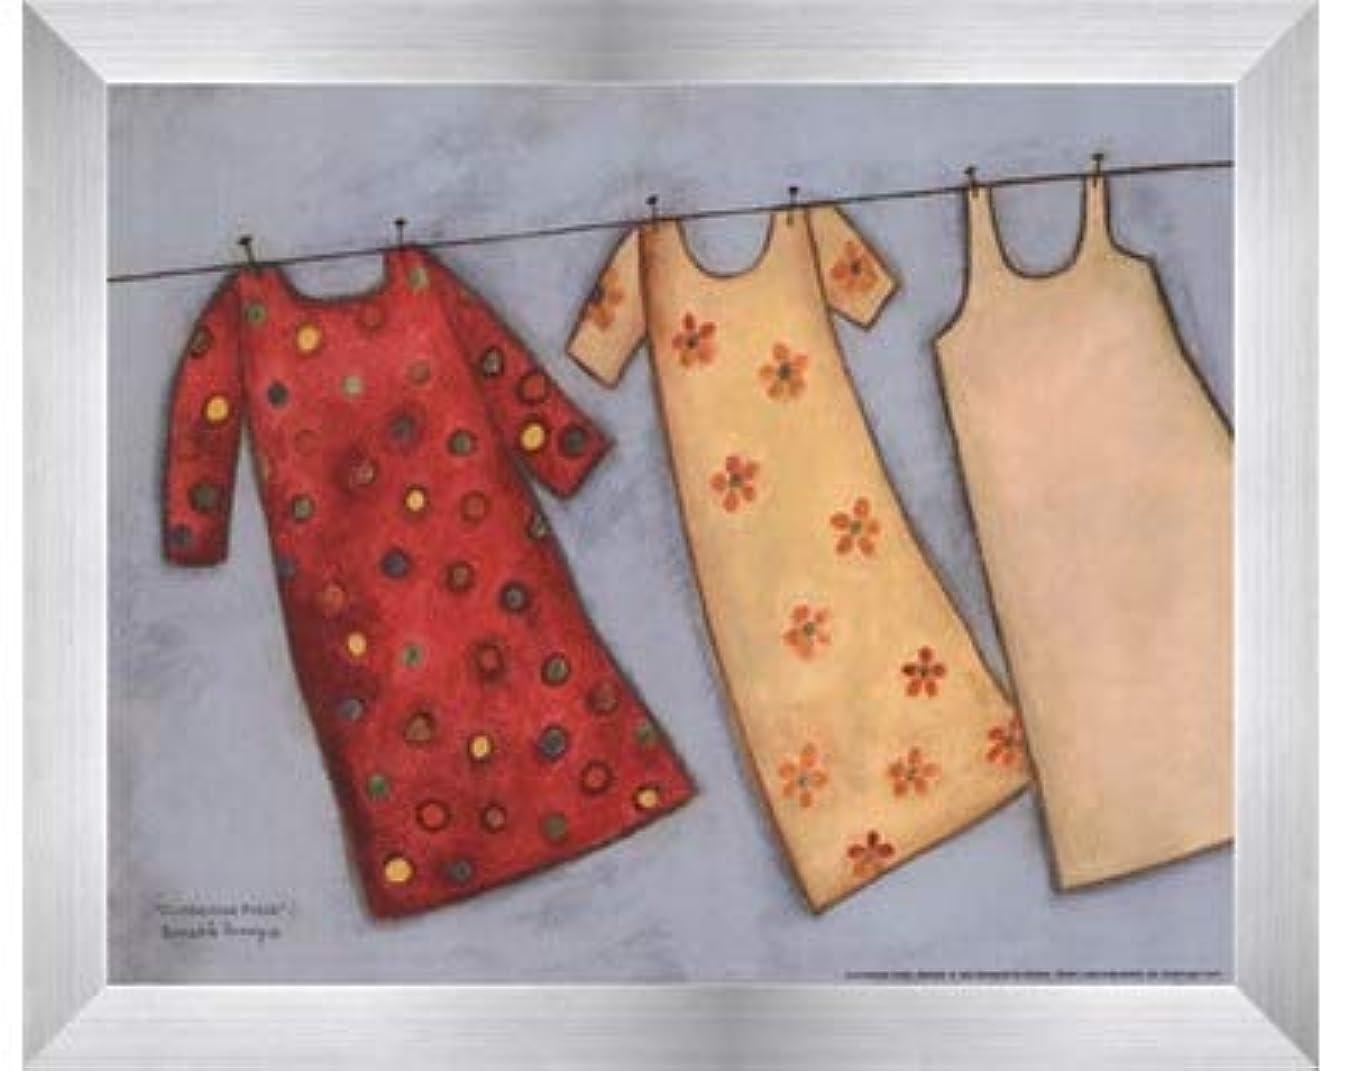 マーティフィールディングスチュアート島幾何学Clothesline Fresh by Bernadette Deming – 10 x 8インチ – アートプリントポスター LE_479905-F9935-10x8